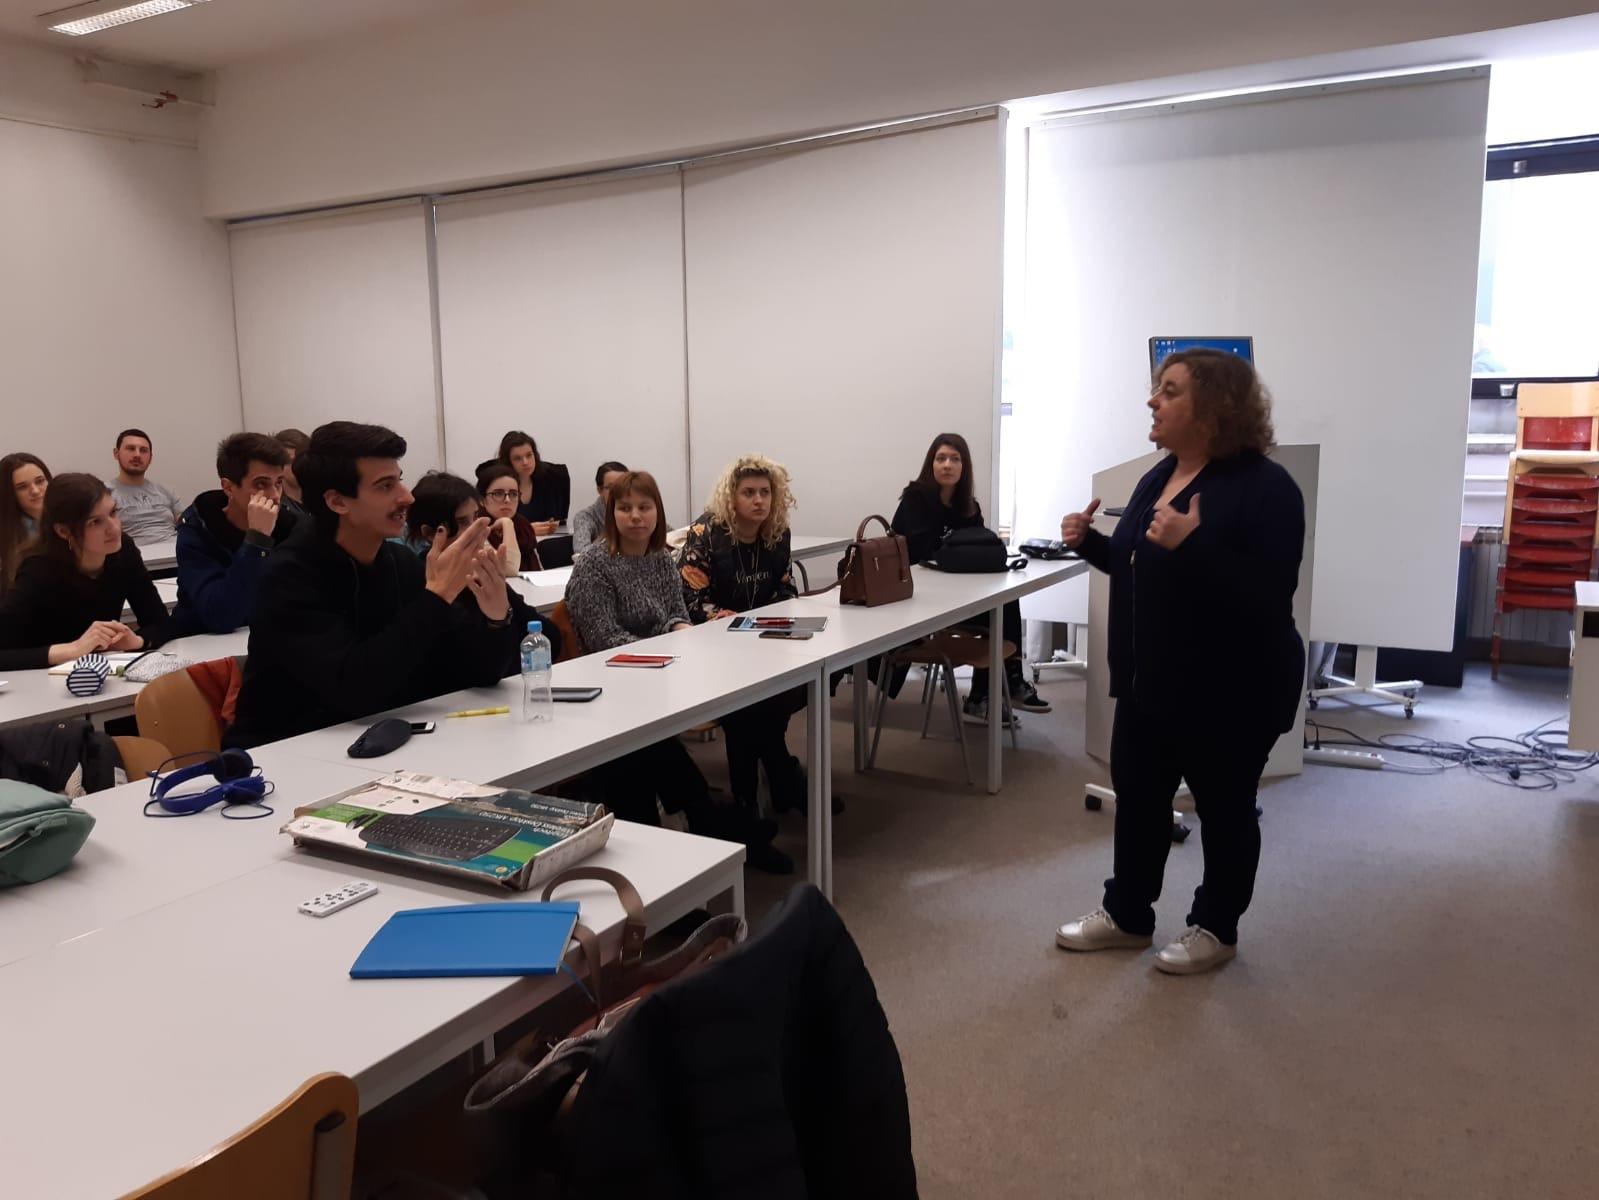 La profesora María Vázquez impartindo clase en Saraxevo